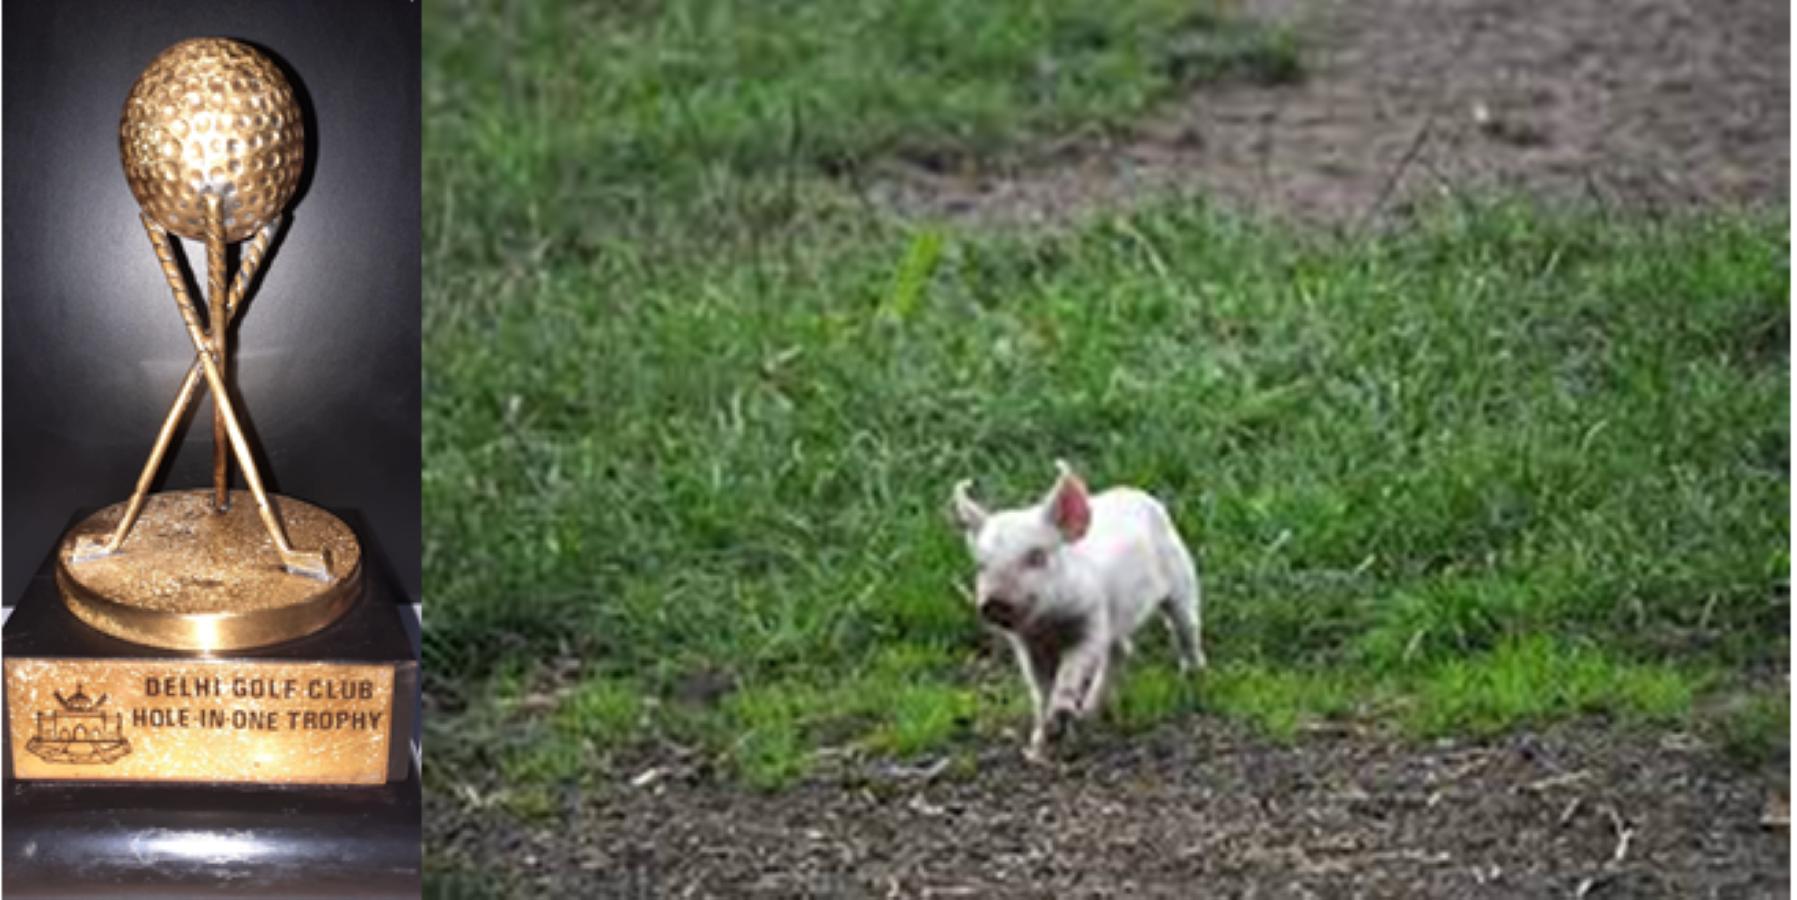 Das Schwein im Golfklub | story.one